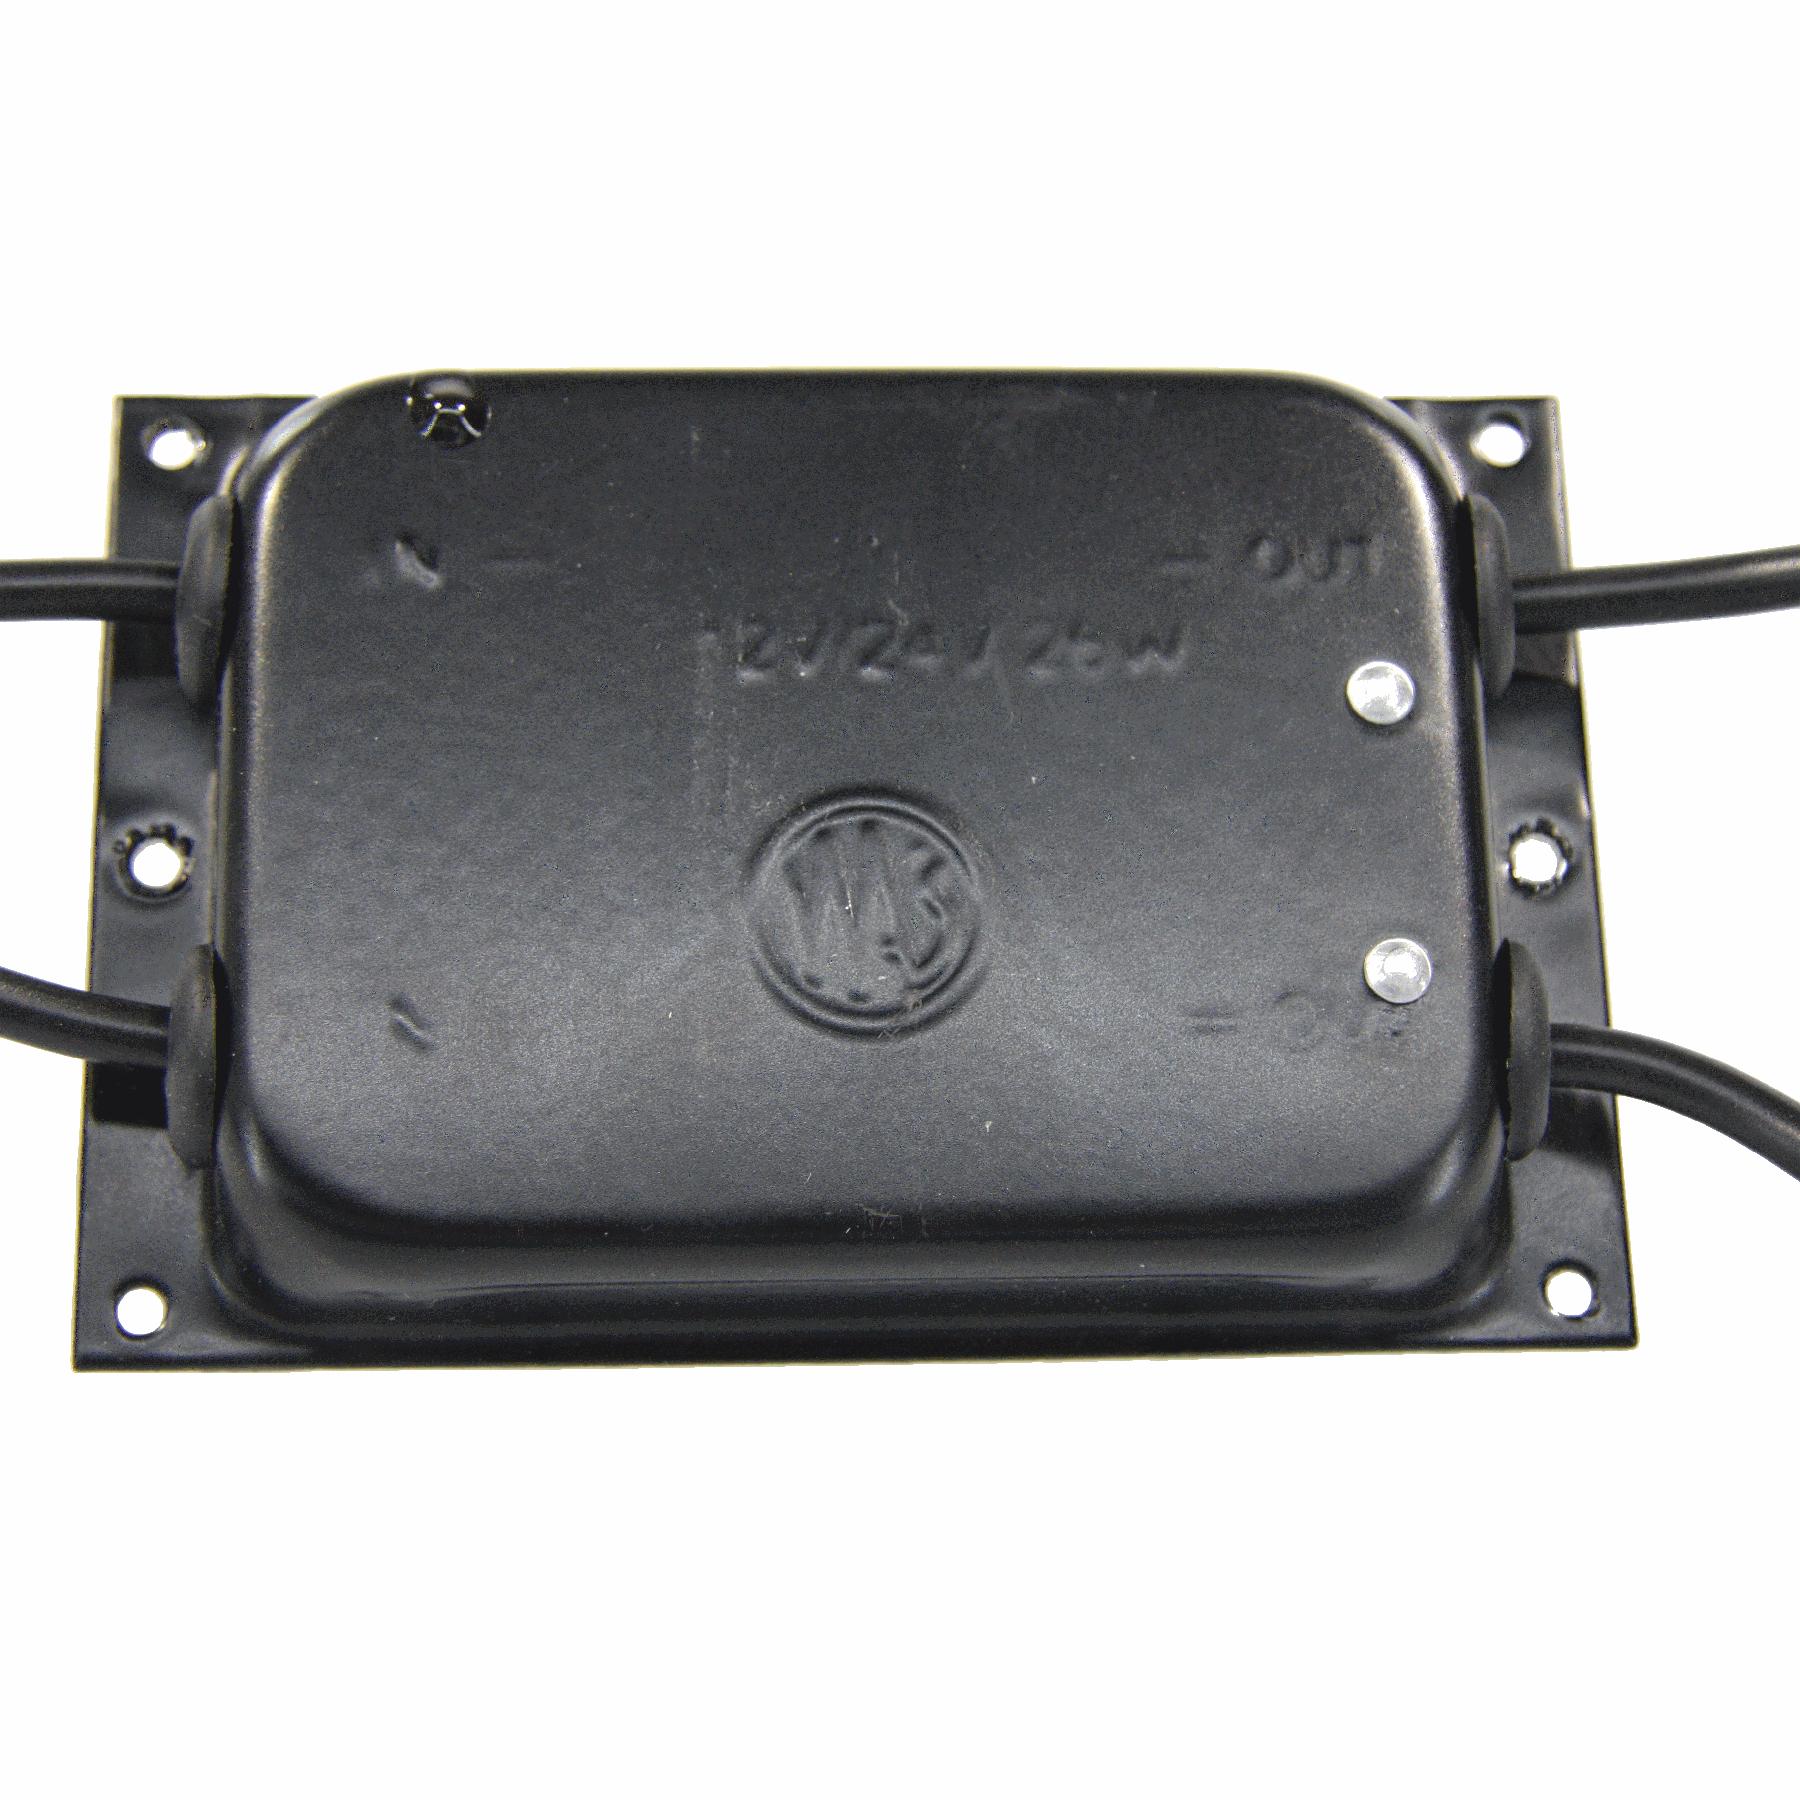 LED weerstand module dual 12/24V waterdicht